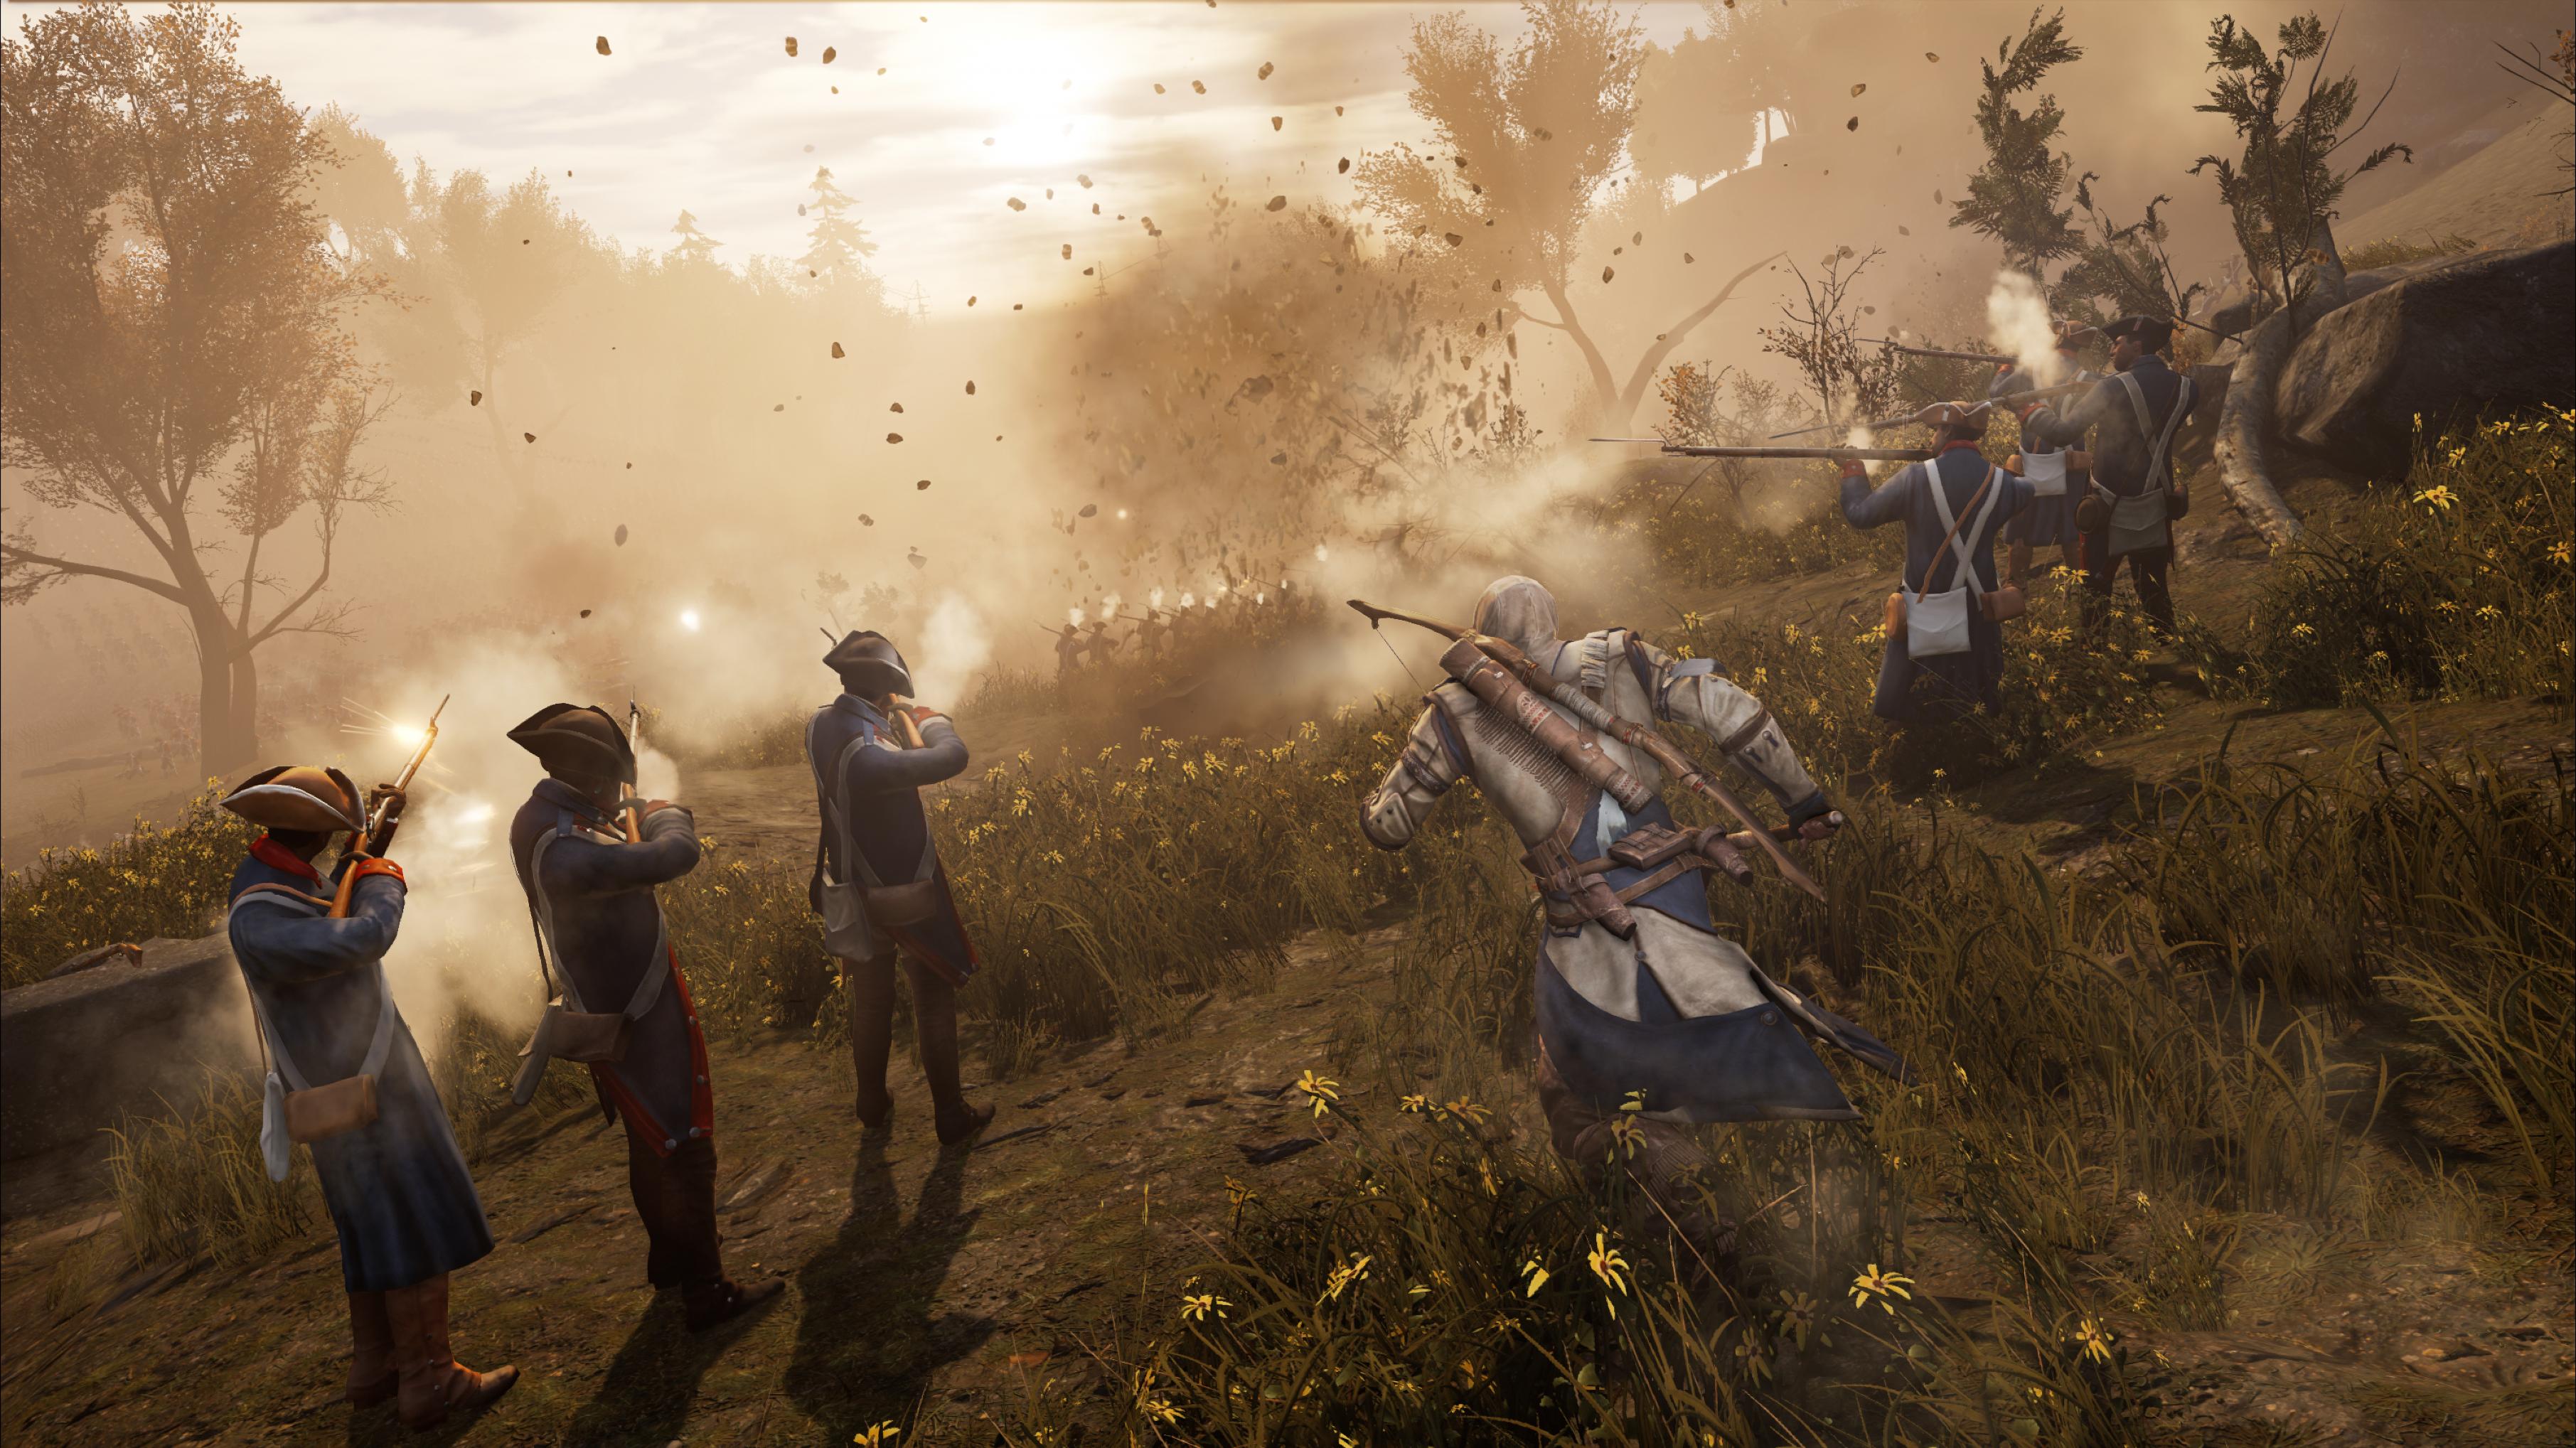 Le héros sera rejoint par des membres des forces coloniales lors de certaines séquences du jeu